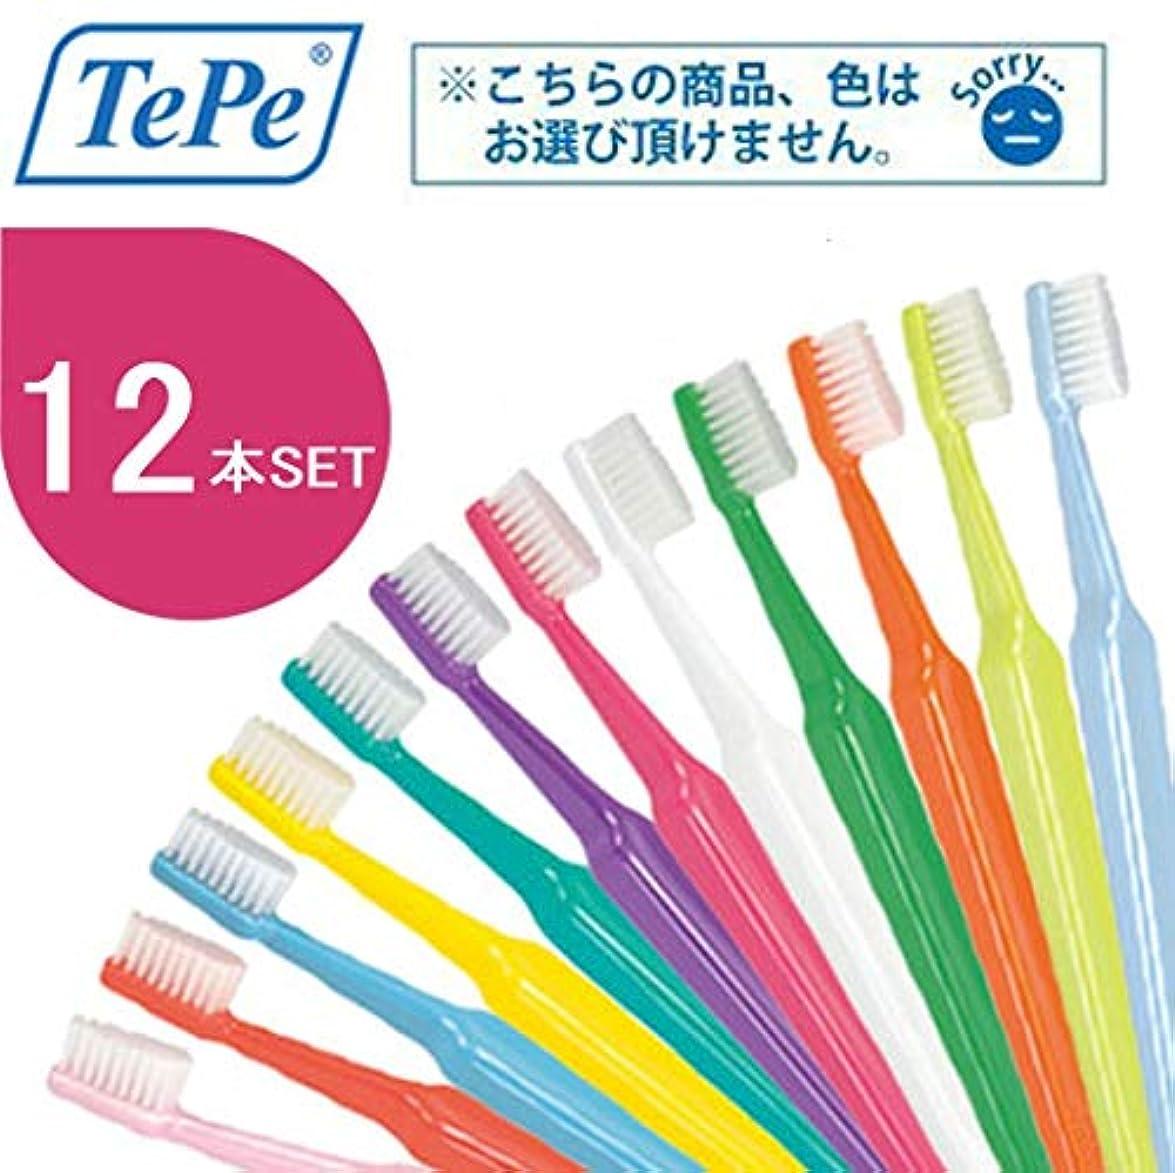 シャンプーなぜ傾向があるクロスフィールド TePe テペ セレクト 歯ブラシ 12本 (エクストラソフト)